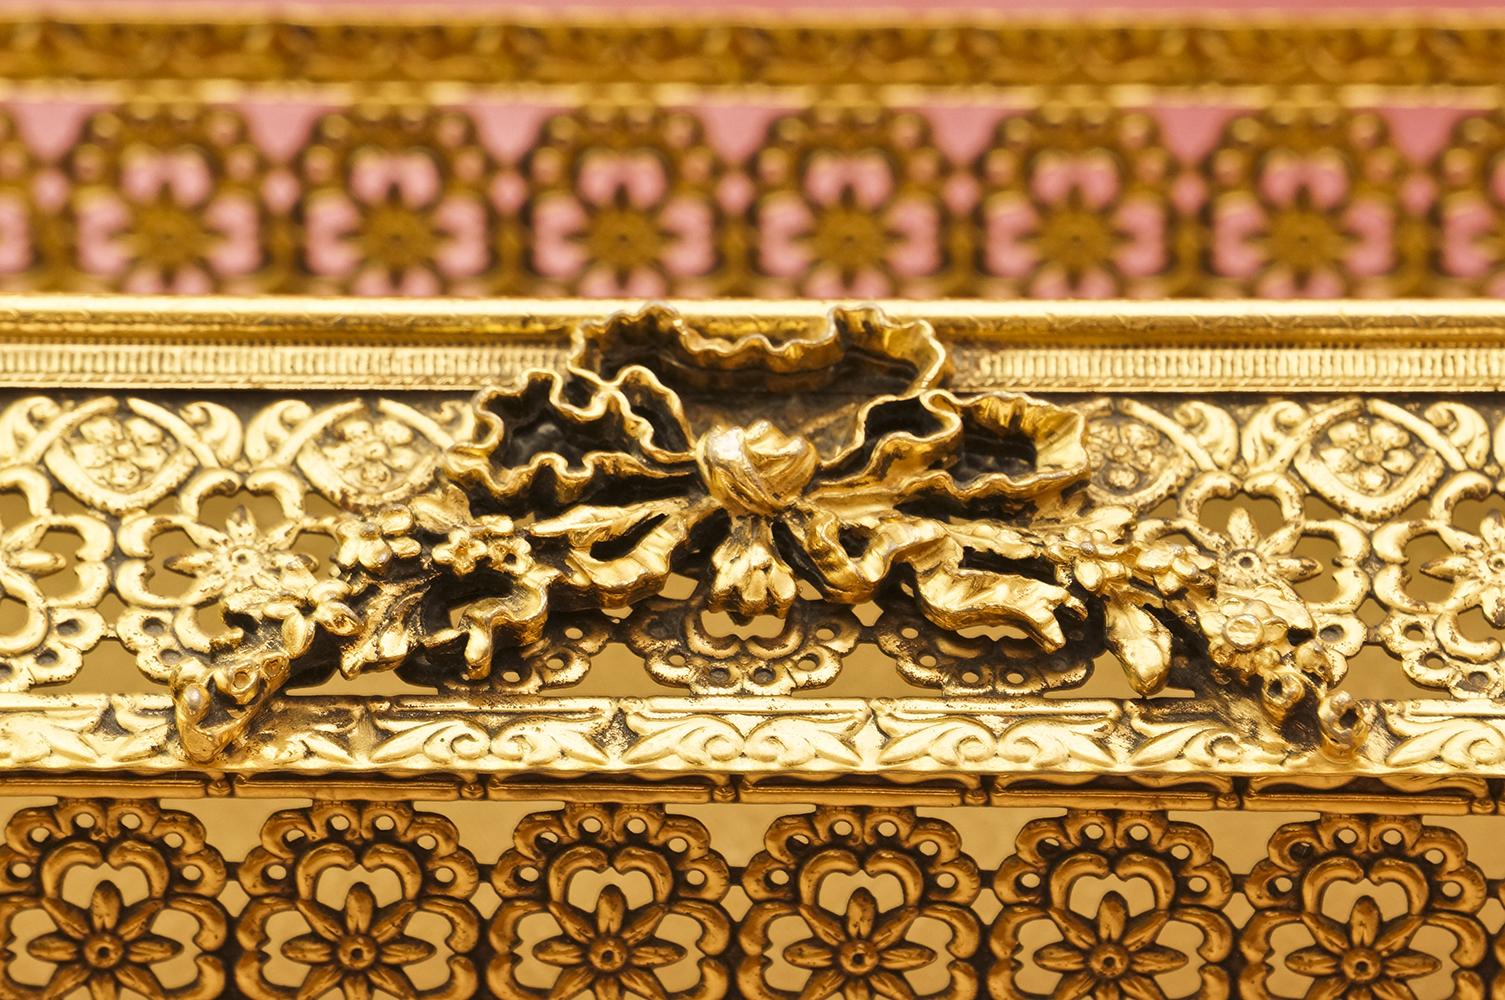 スタイルビルト製 ゴールド フラワーリボン ティッシュボックス 拡大